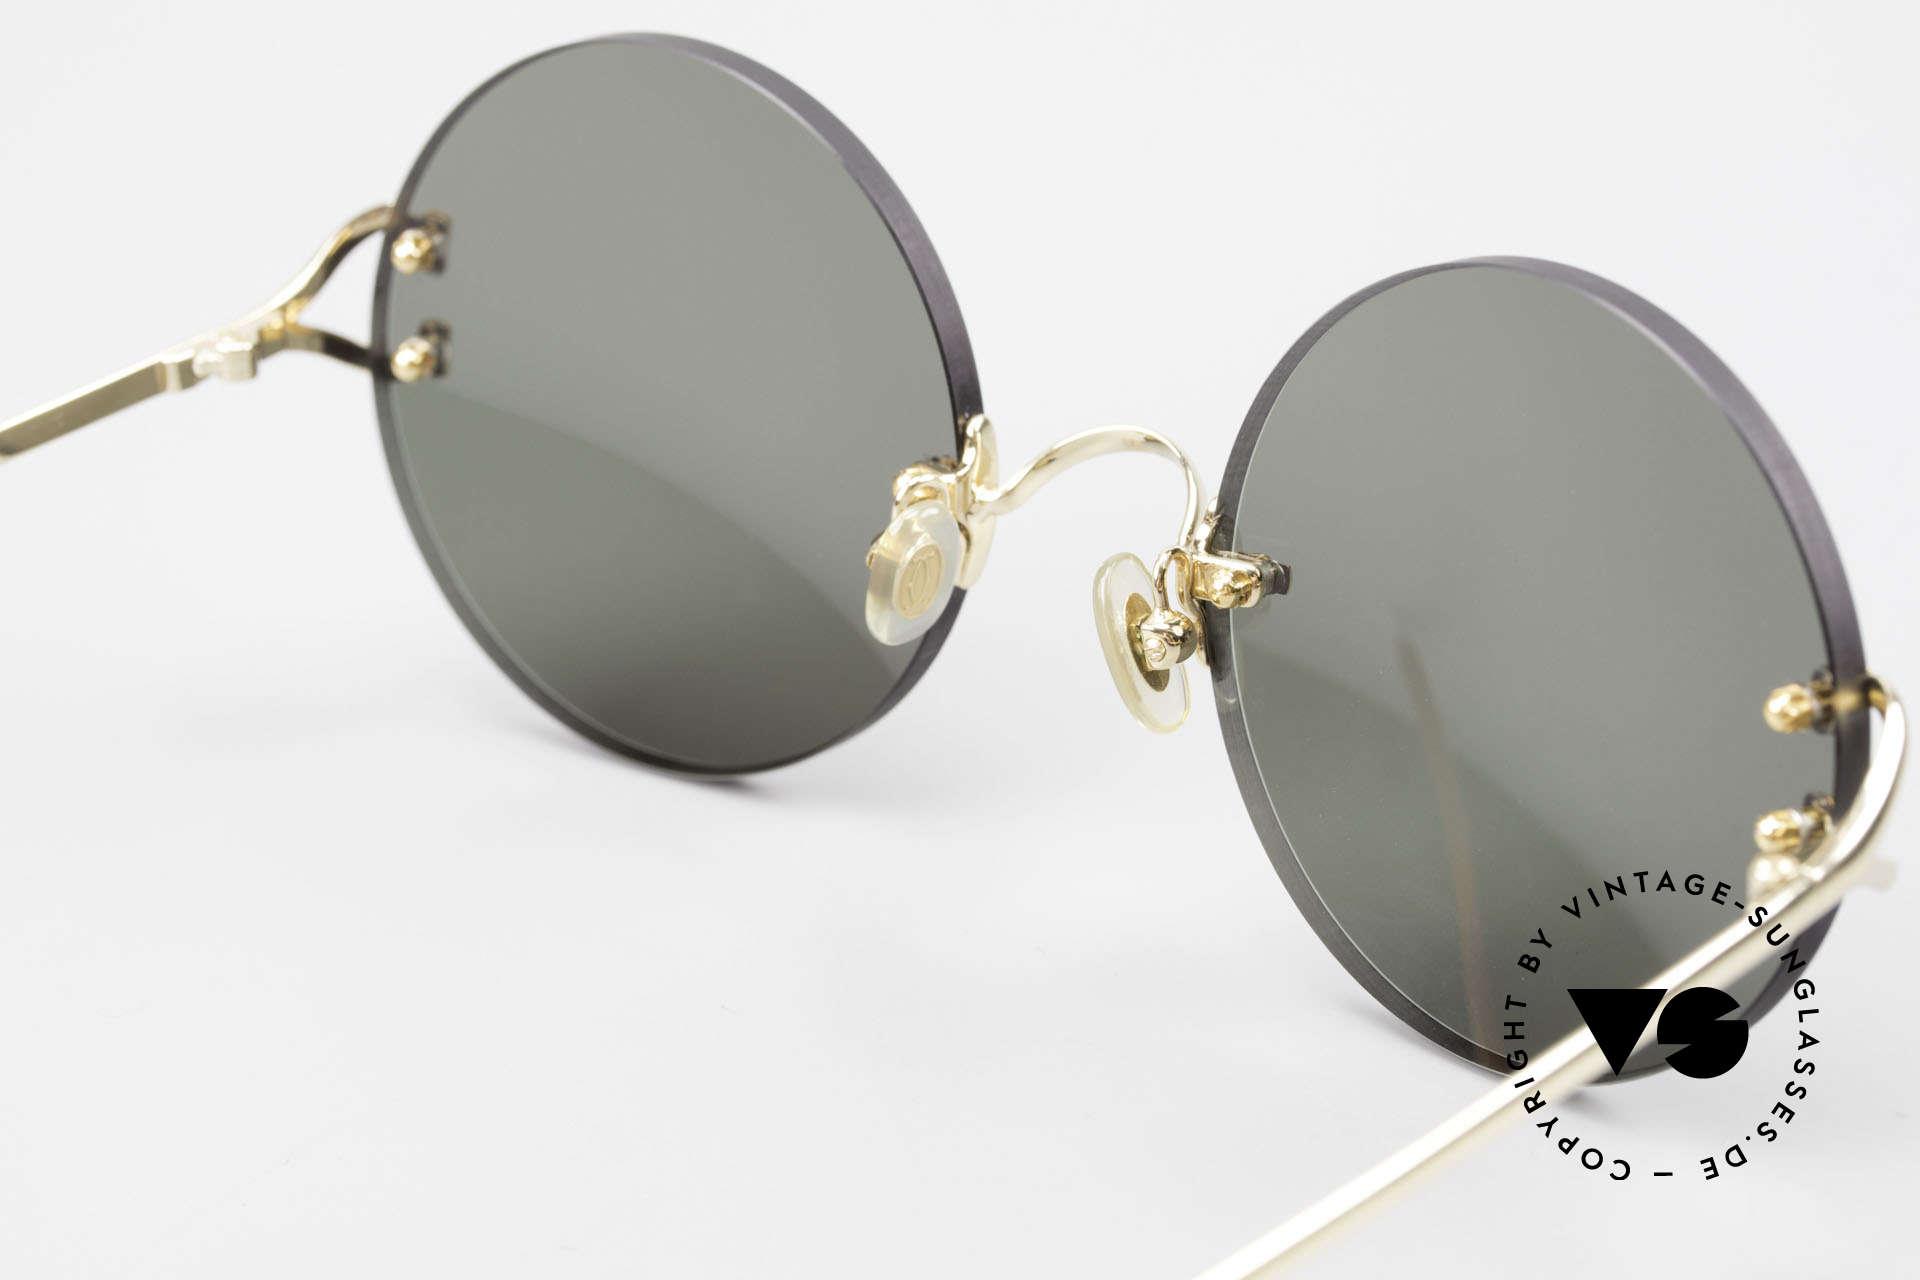 Cartier Madison Round Luxury Sunglasses 90's, NO retro sunglasses, but a rare old Cartier ORIGINAL, Made for Men and Women